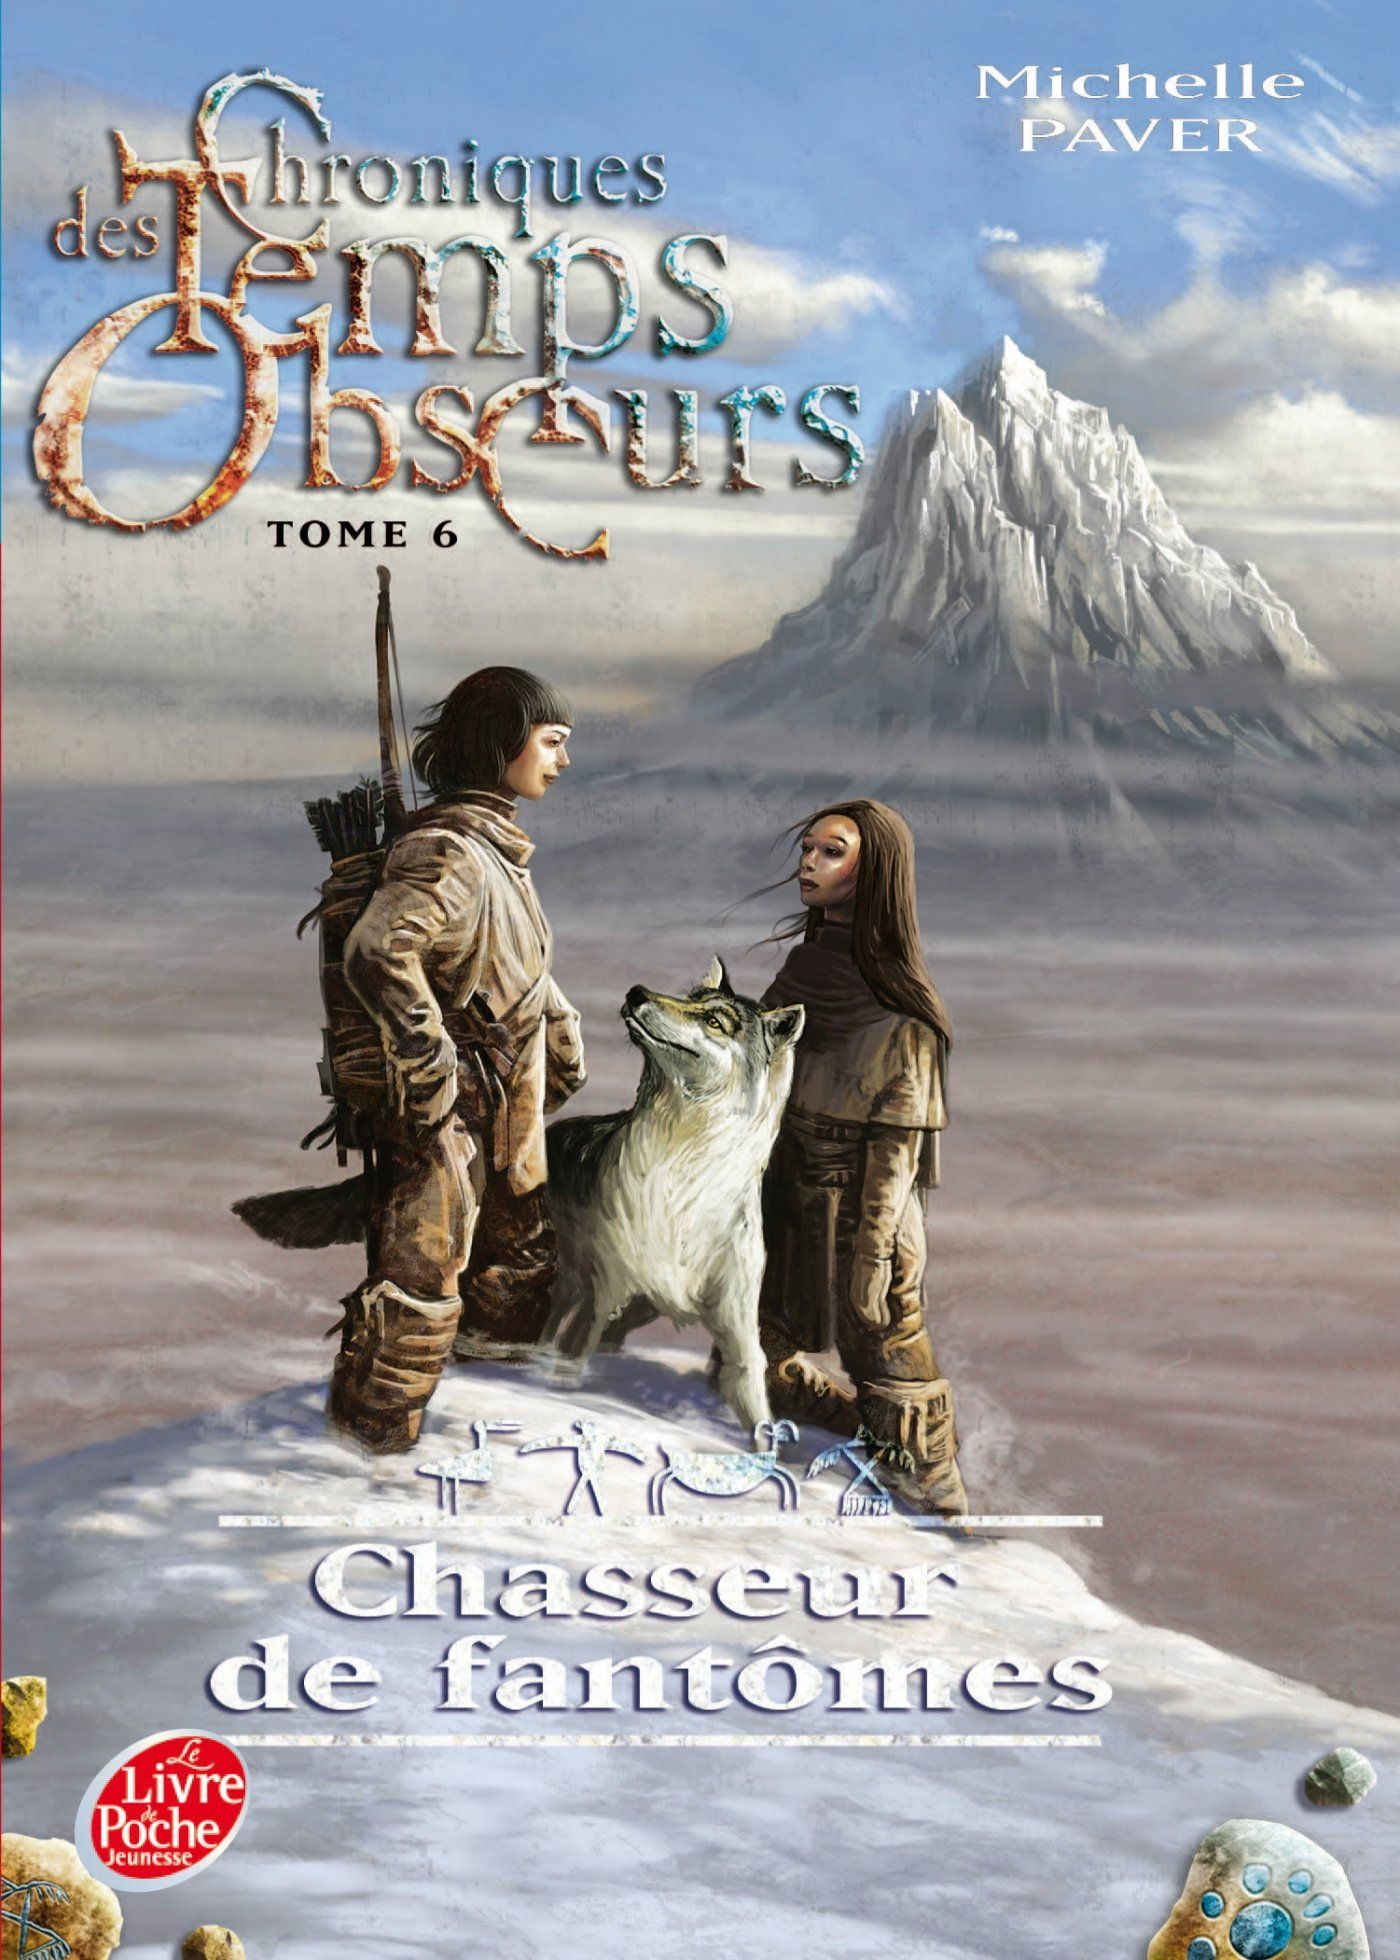 Amazon.fr - Chroniques des Temps obscurs - Tome 6 - Chasseur de fantômes - Michelle Paver, Blandine Longre - Livres